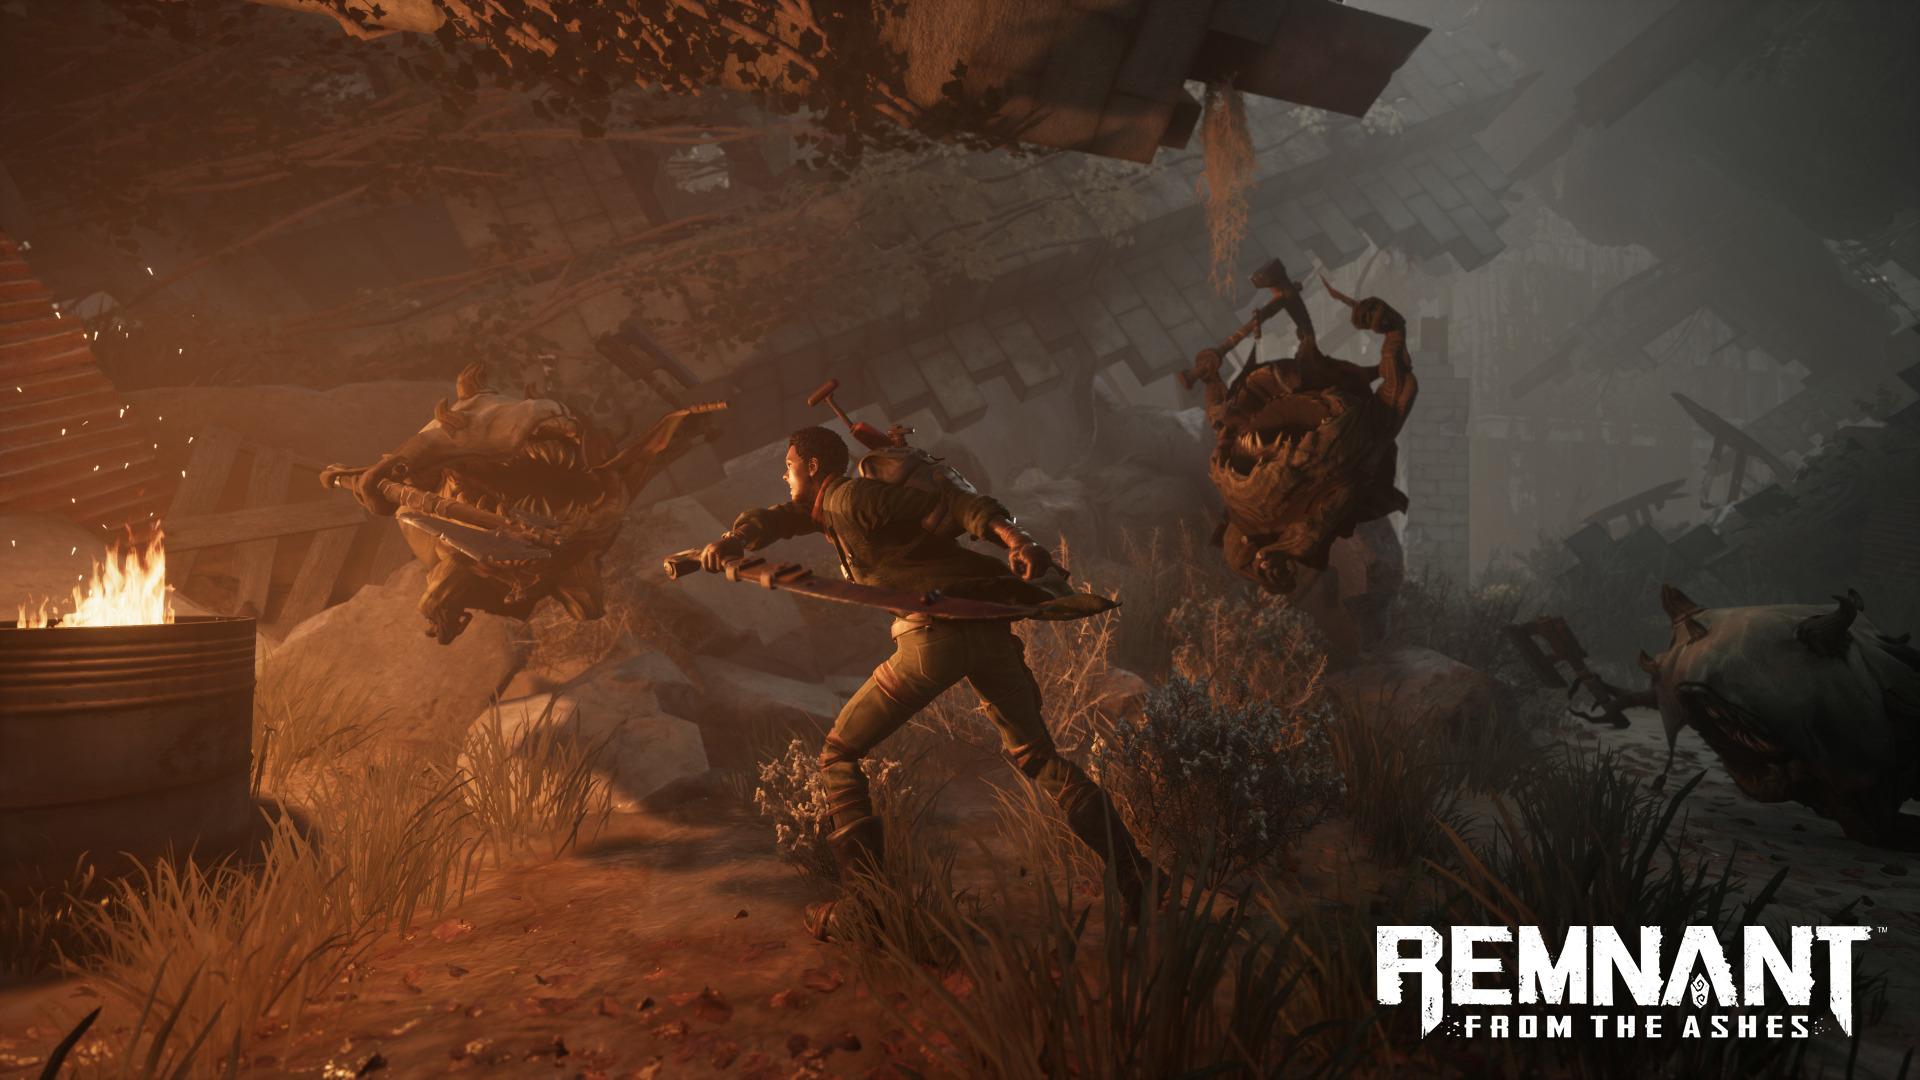 《遗迹:灰烬重生》最新截图 手持大枪锤子猛击